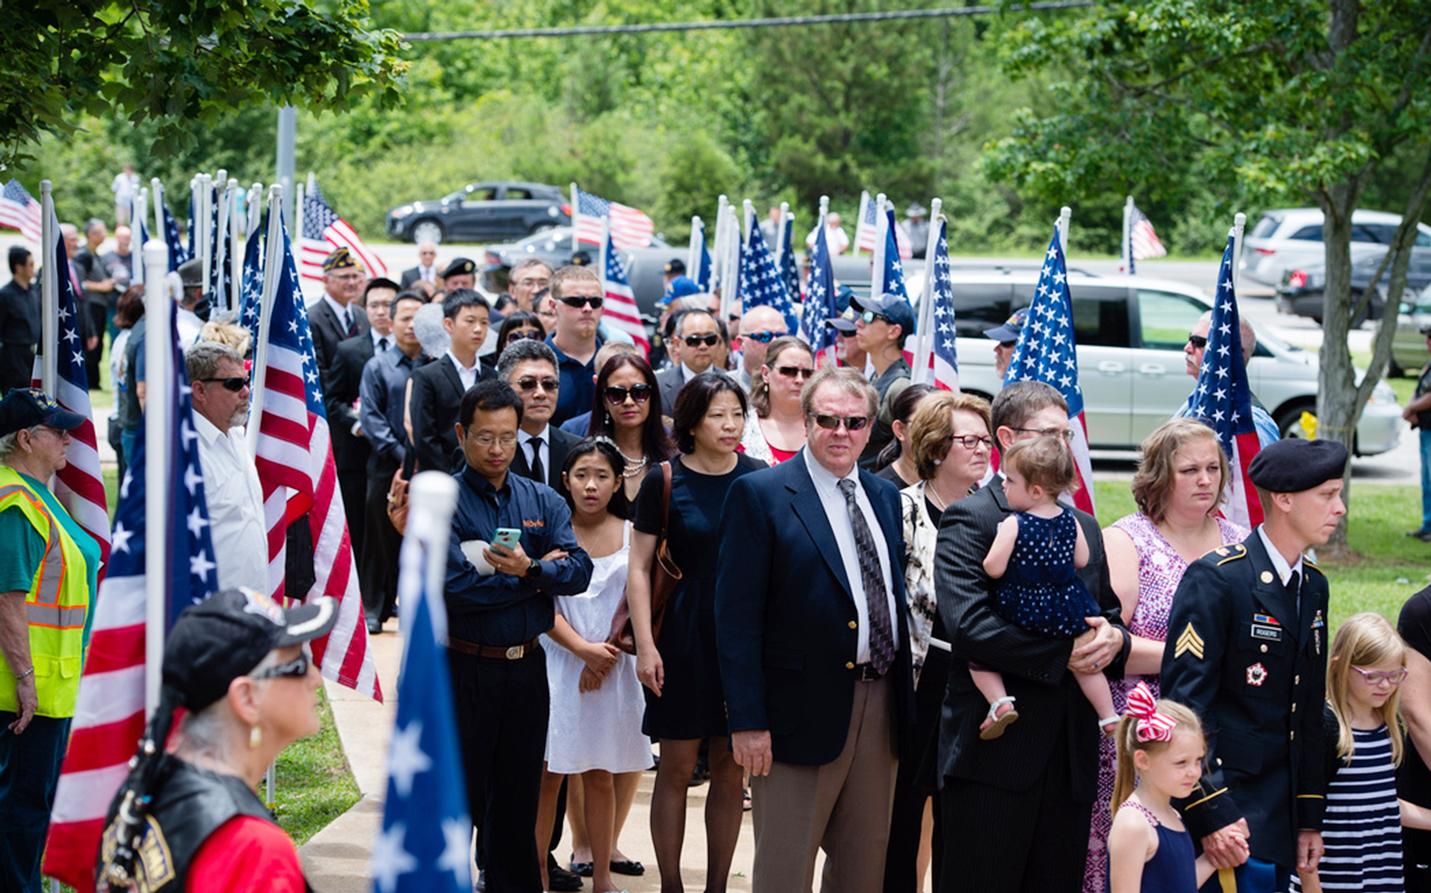 「駝峰英雄」奧斯福德移靈回亞特蘭大家鄉康科德,葬禮場面感人,送殯隊伍中不乏華人臉孔。(王本桓提供)